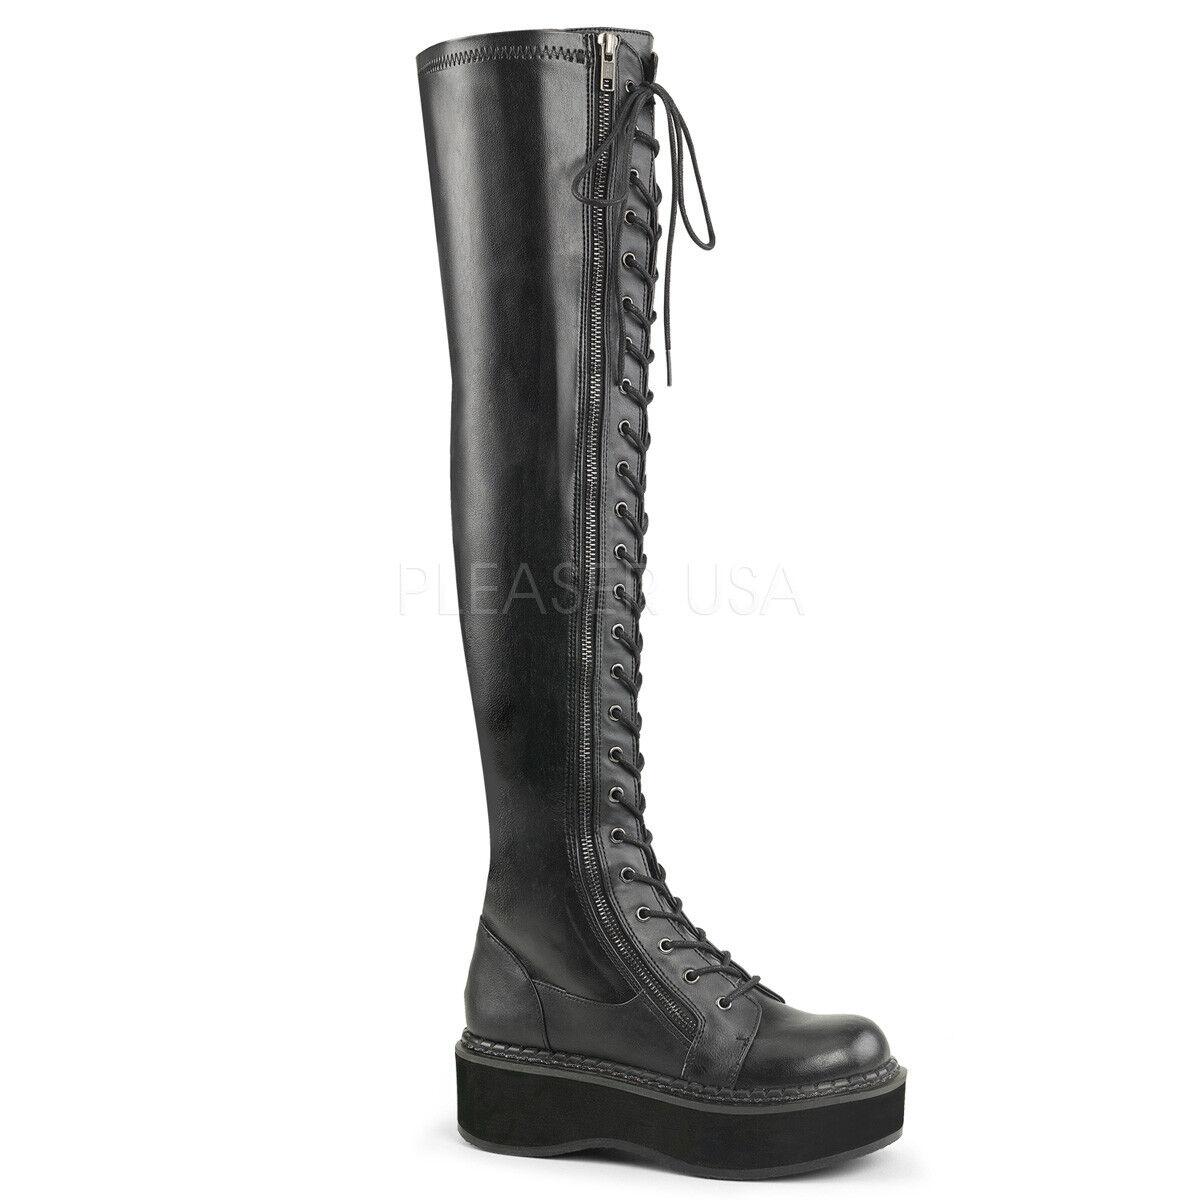 perfezionare Demonia 2 2 2  Platform Matte nero Stretch Thigh High stivali 6 7 8 9 10 11 12  Sconto del 60%